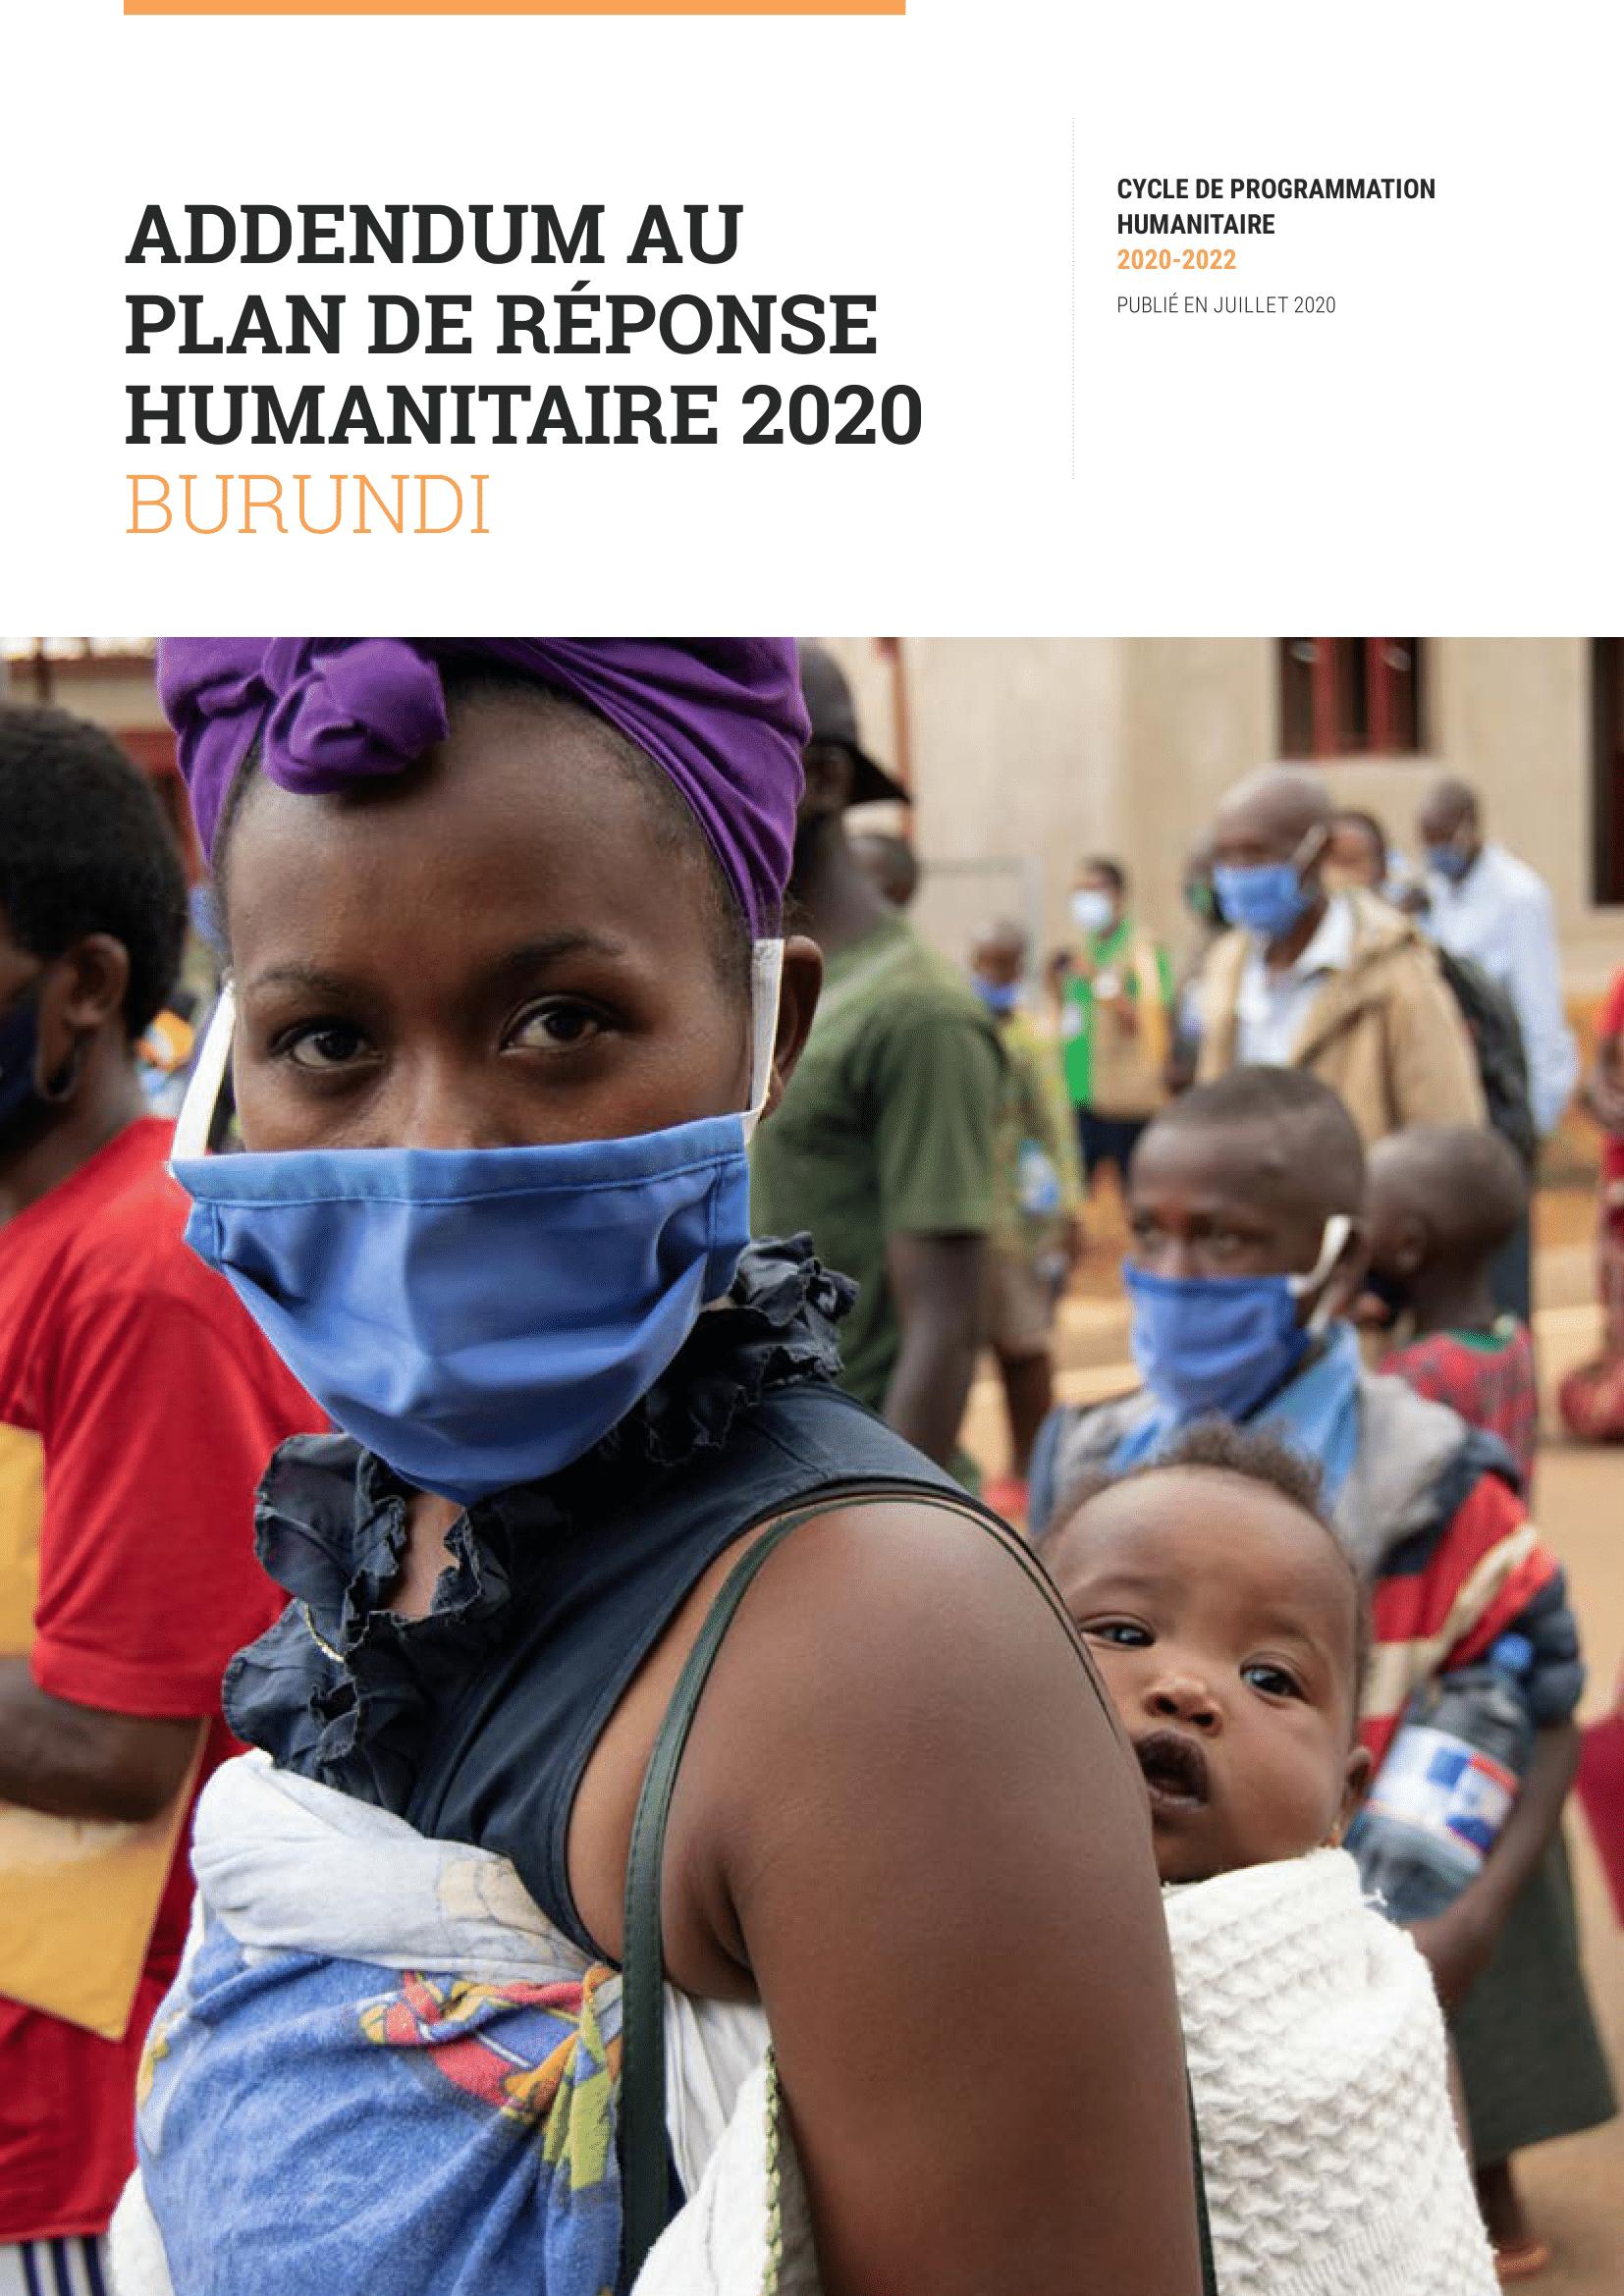 Addendum au Plan de réponse humanitaire 2020